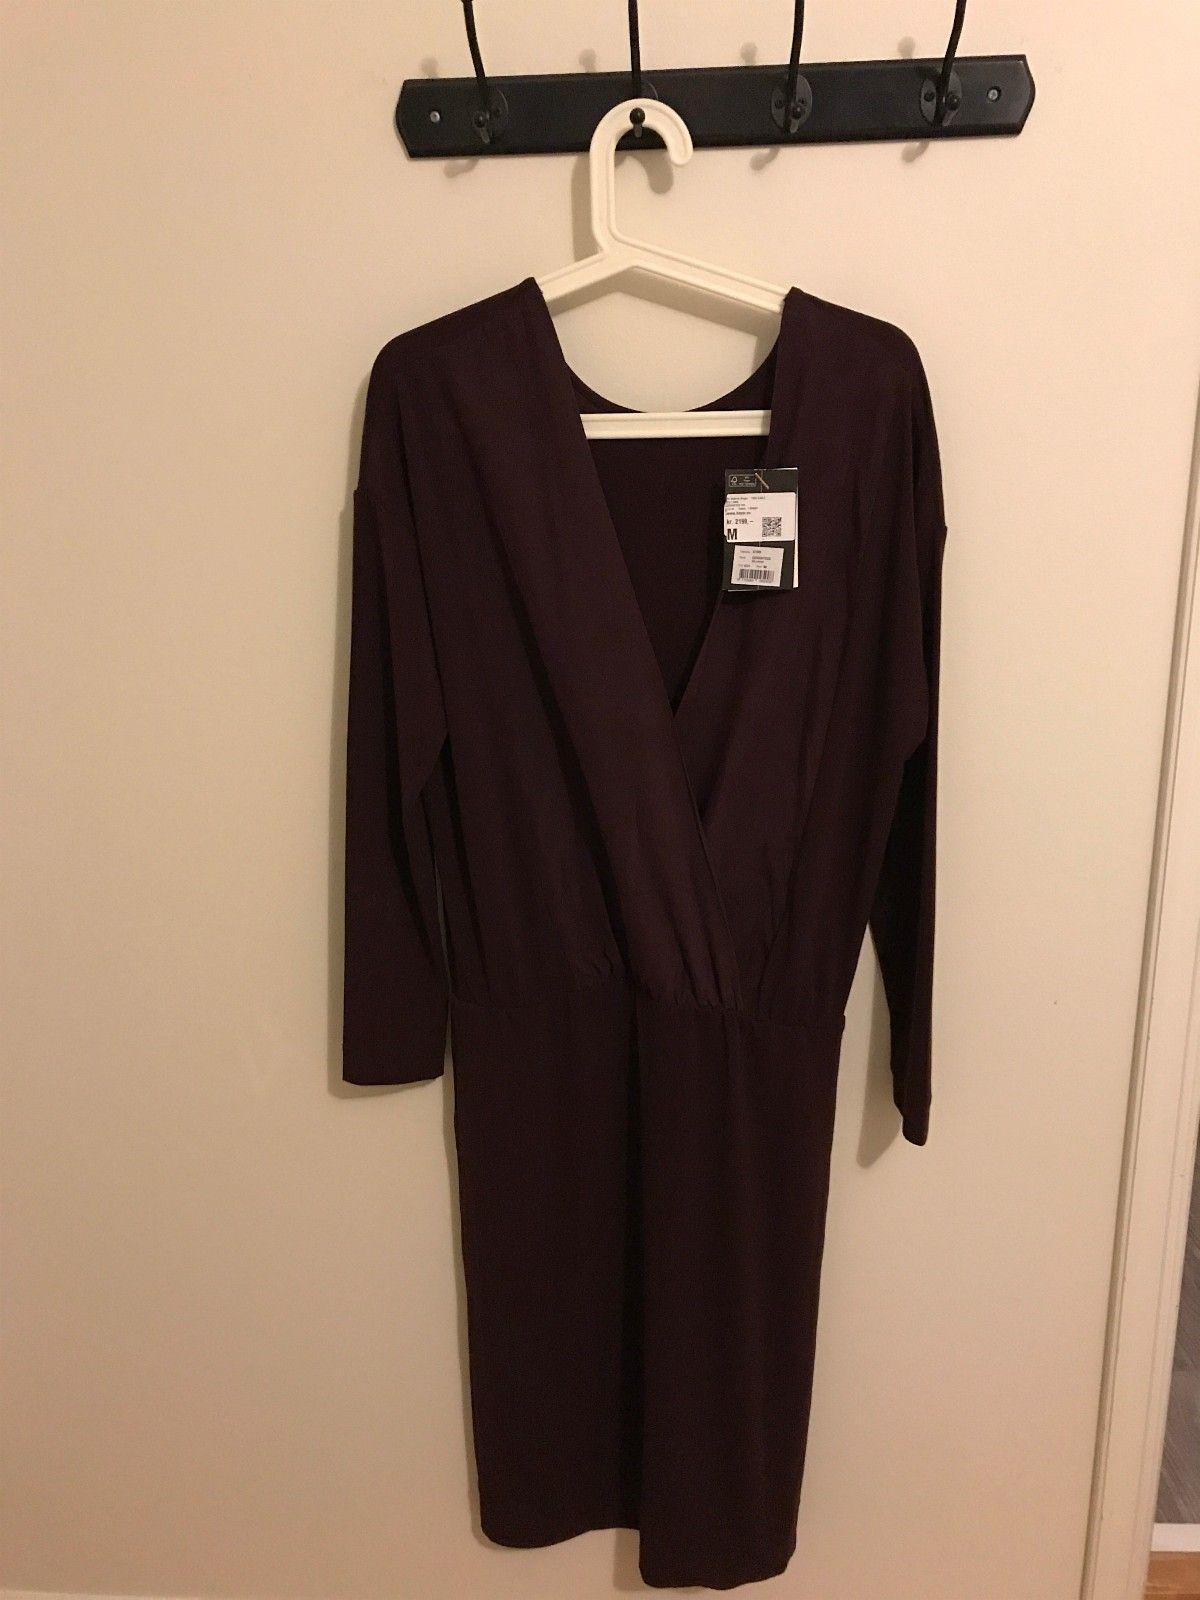 6eea1804 Malene birger silliana kjole ubrukt med lappen på! - Oslo - Helt ubrukt  nydelig kjole